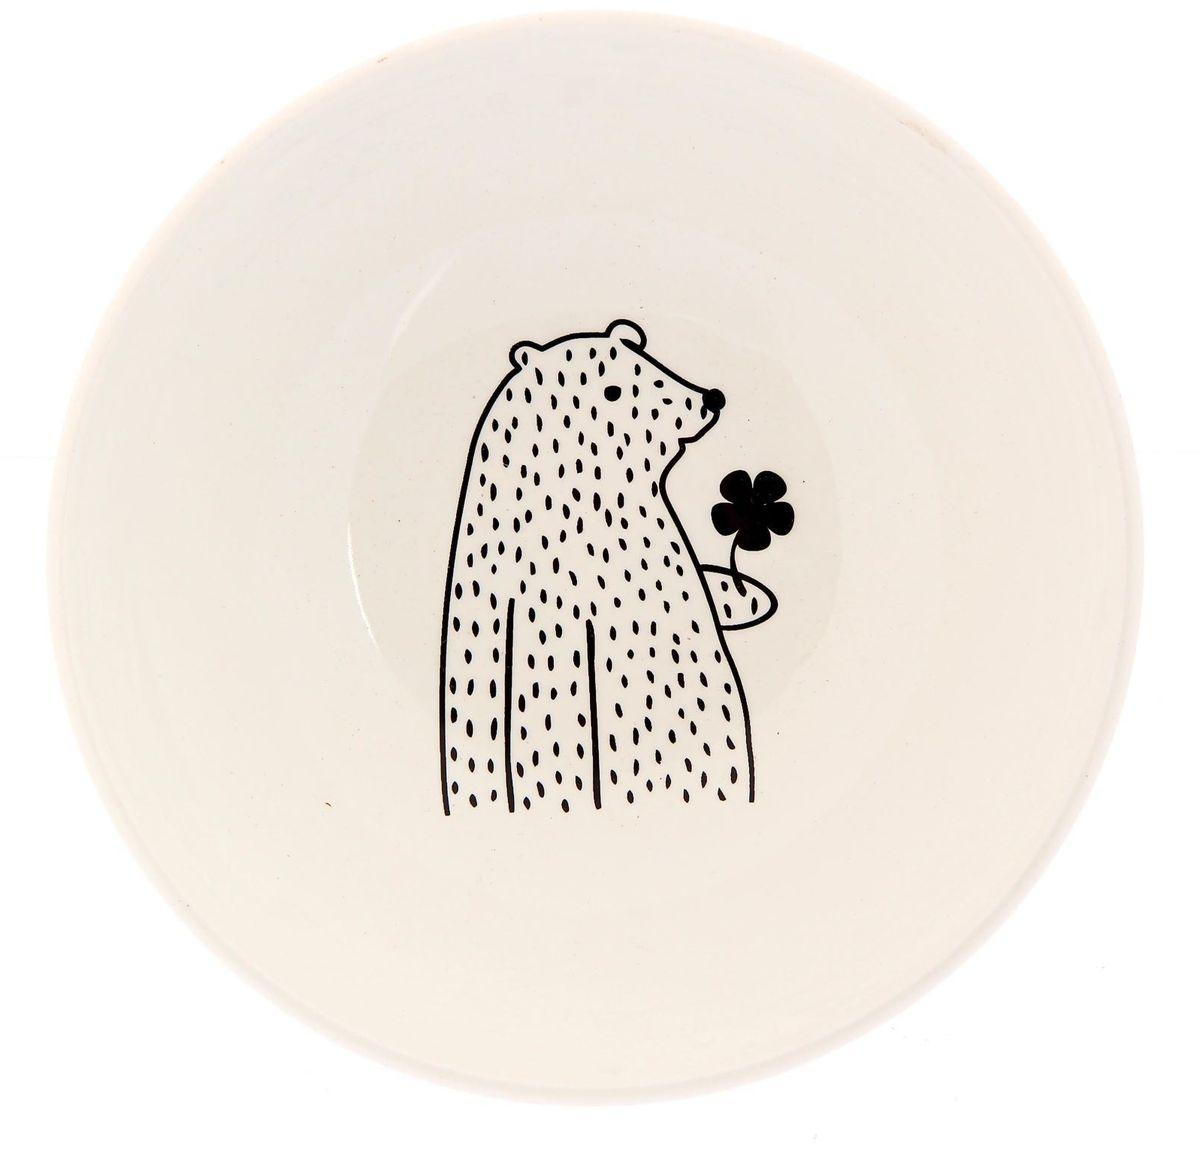 Салатник Сотвори чудо Цветочный мишка, диаметр 16,5 см2277849Изящный салатник Сотвори чудо изготовлен из фаянса. На дне салатника расположилась забавная картинка, нарисованная стойкой краской.Хотите обновить интерьер кухни или гостиной? Устраиваете необычную фотосессию или тематический праздник? А может, просто ищете подарок для близкого человека? Можно использовать в посудомоечных машинах. Диаметр по верхнему краю: 16,5 см.